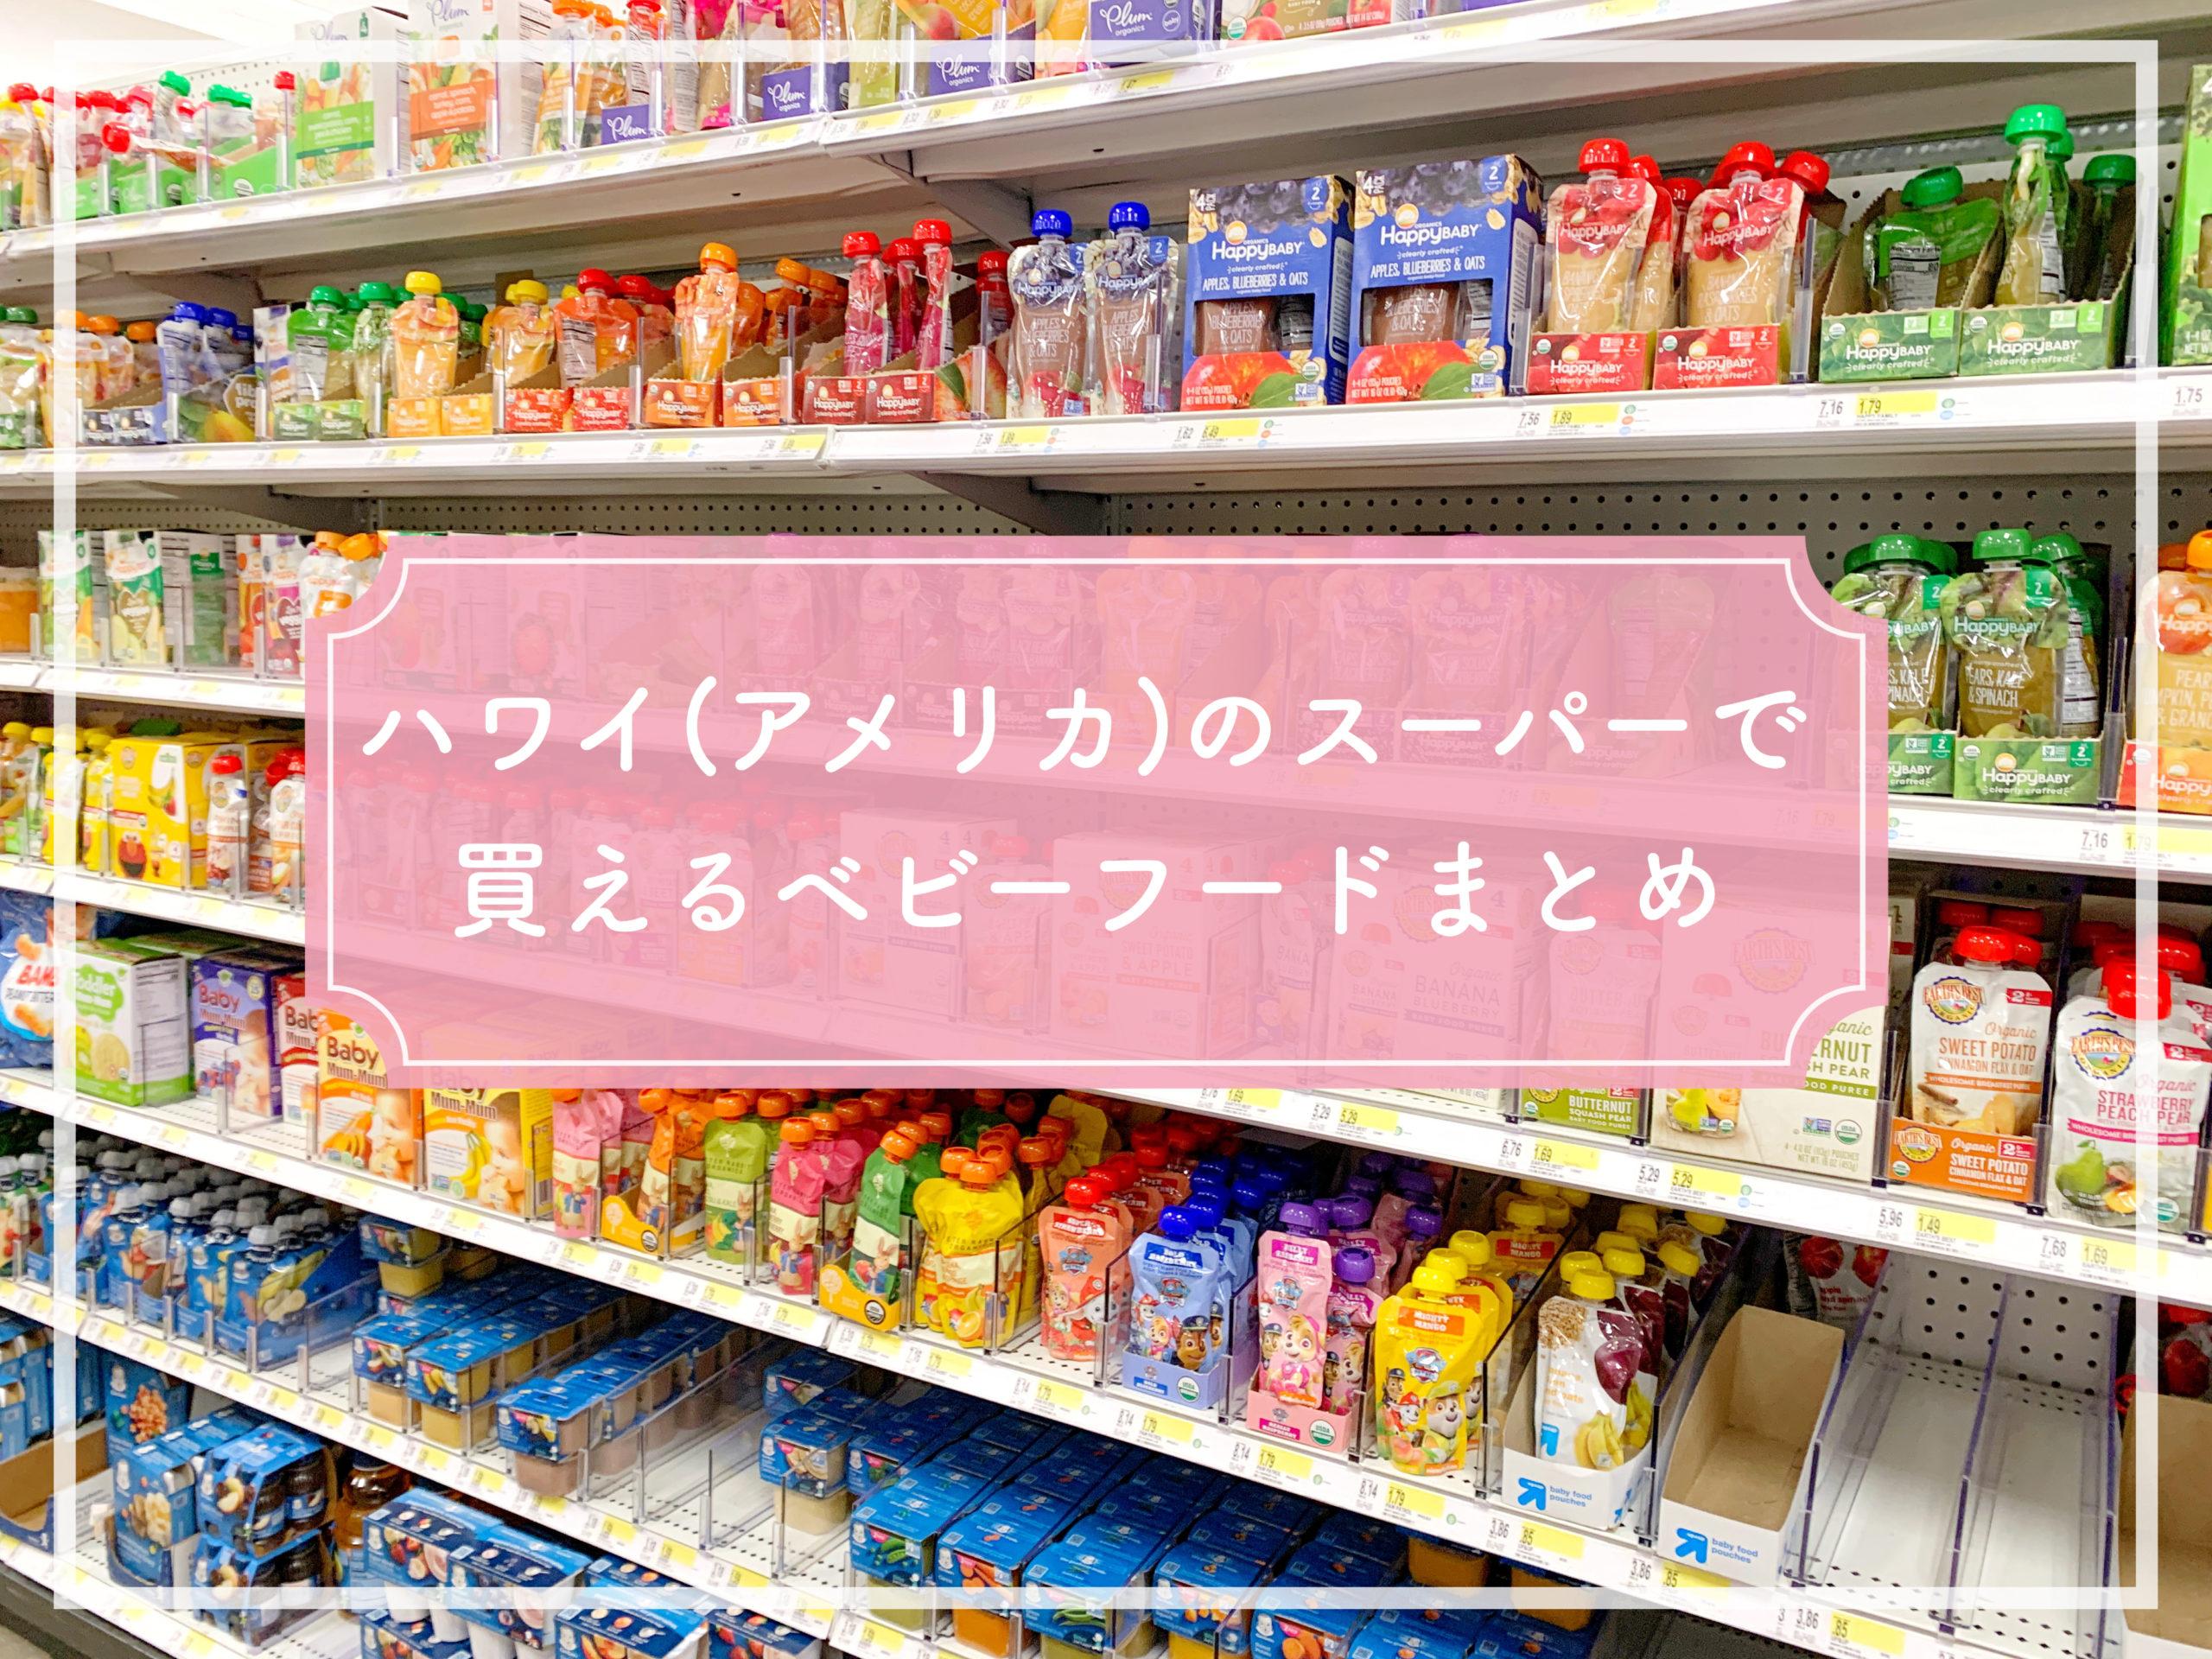 【現地調達】ハワイ(アメリカ)のスーパーで買える離乳食・ベビーフードまとめ【オーガニック】